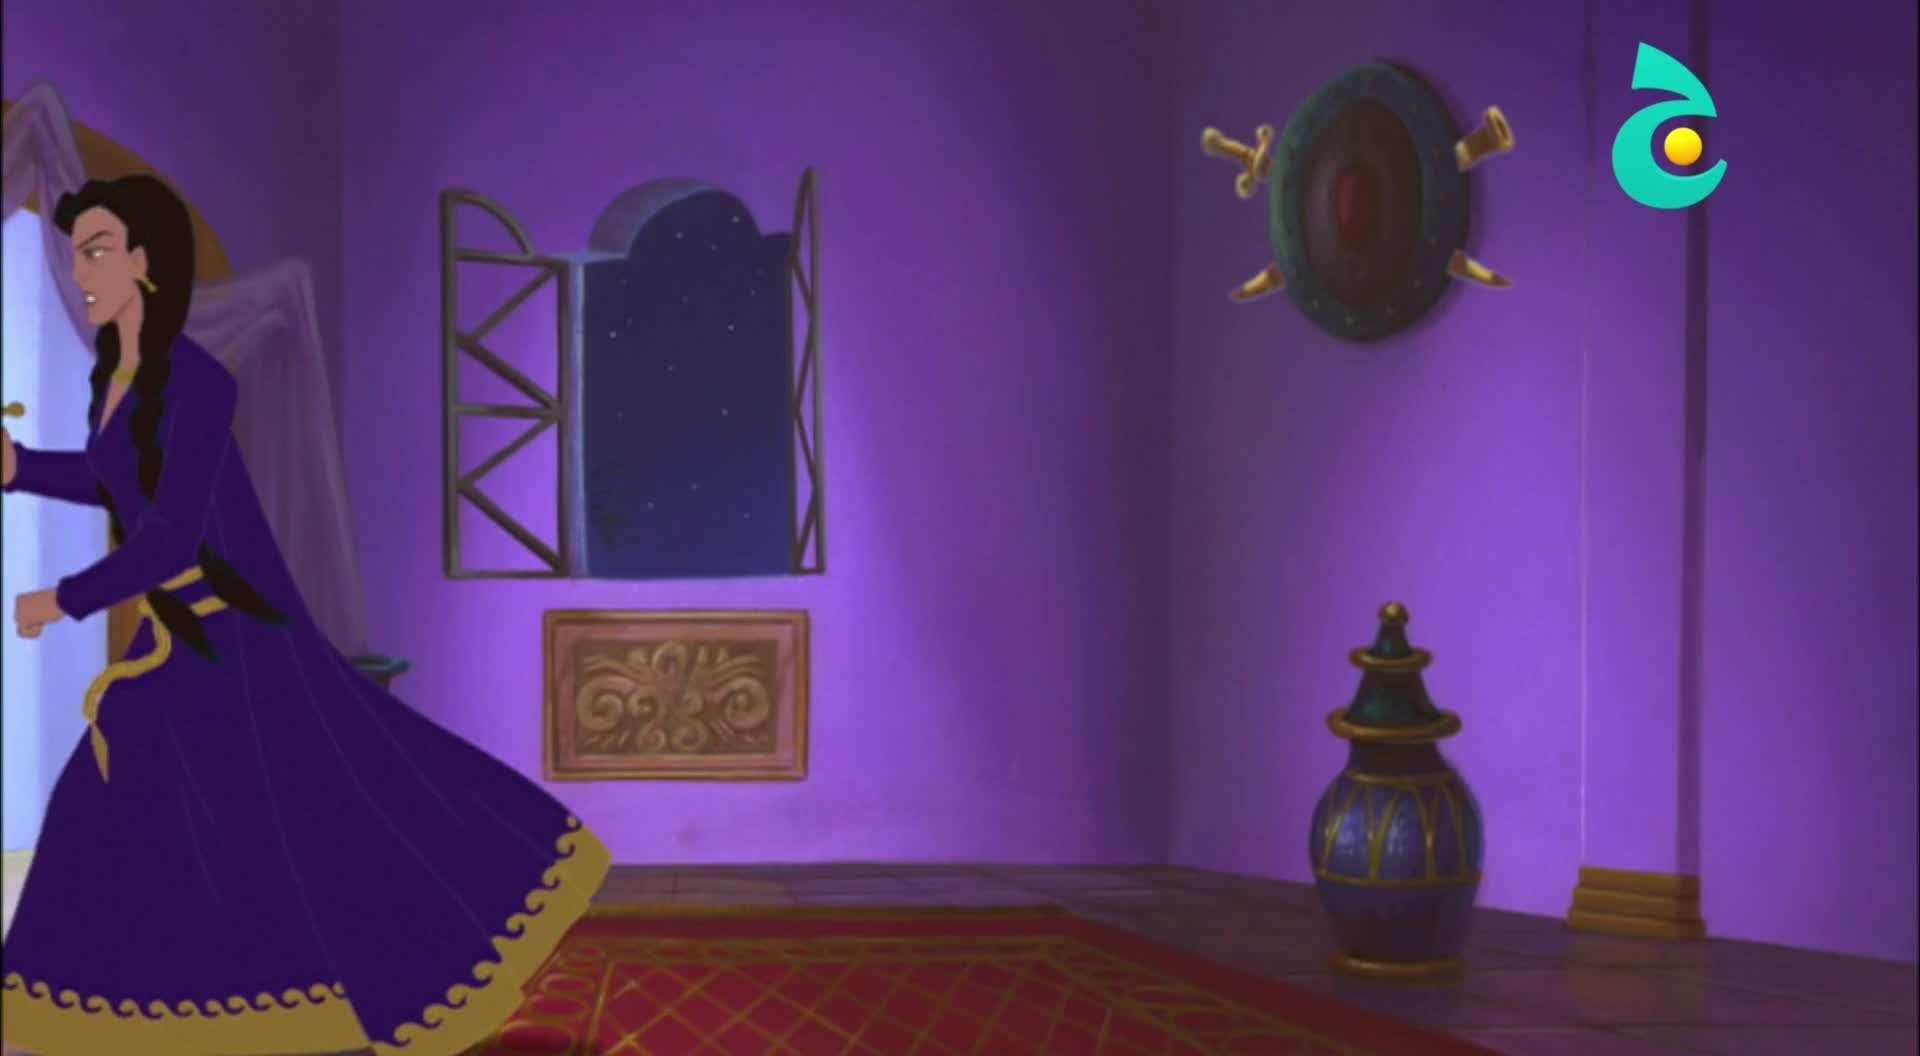 نساء عظيمات في عهد النبوة Great Women of Islam HDTV 1080p تحميل تورنت 5 arabp2p.com